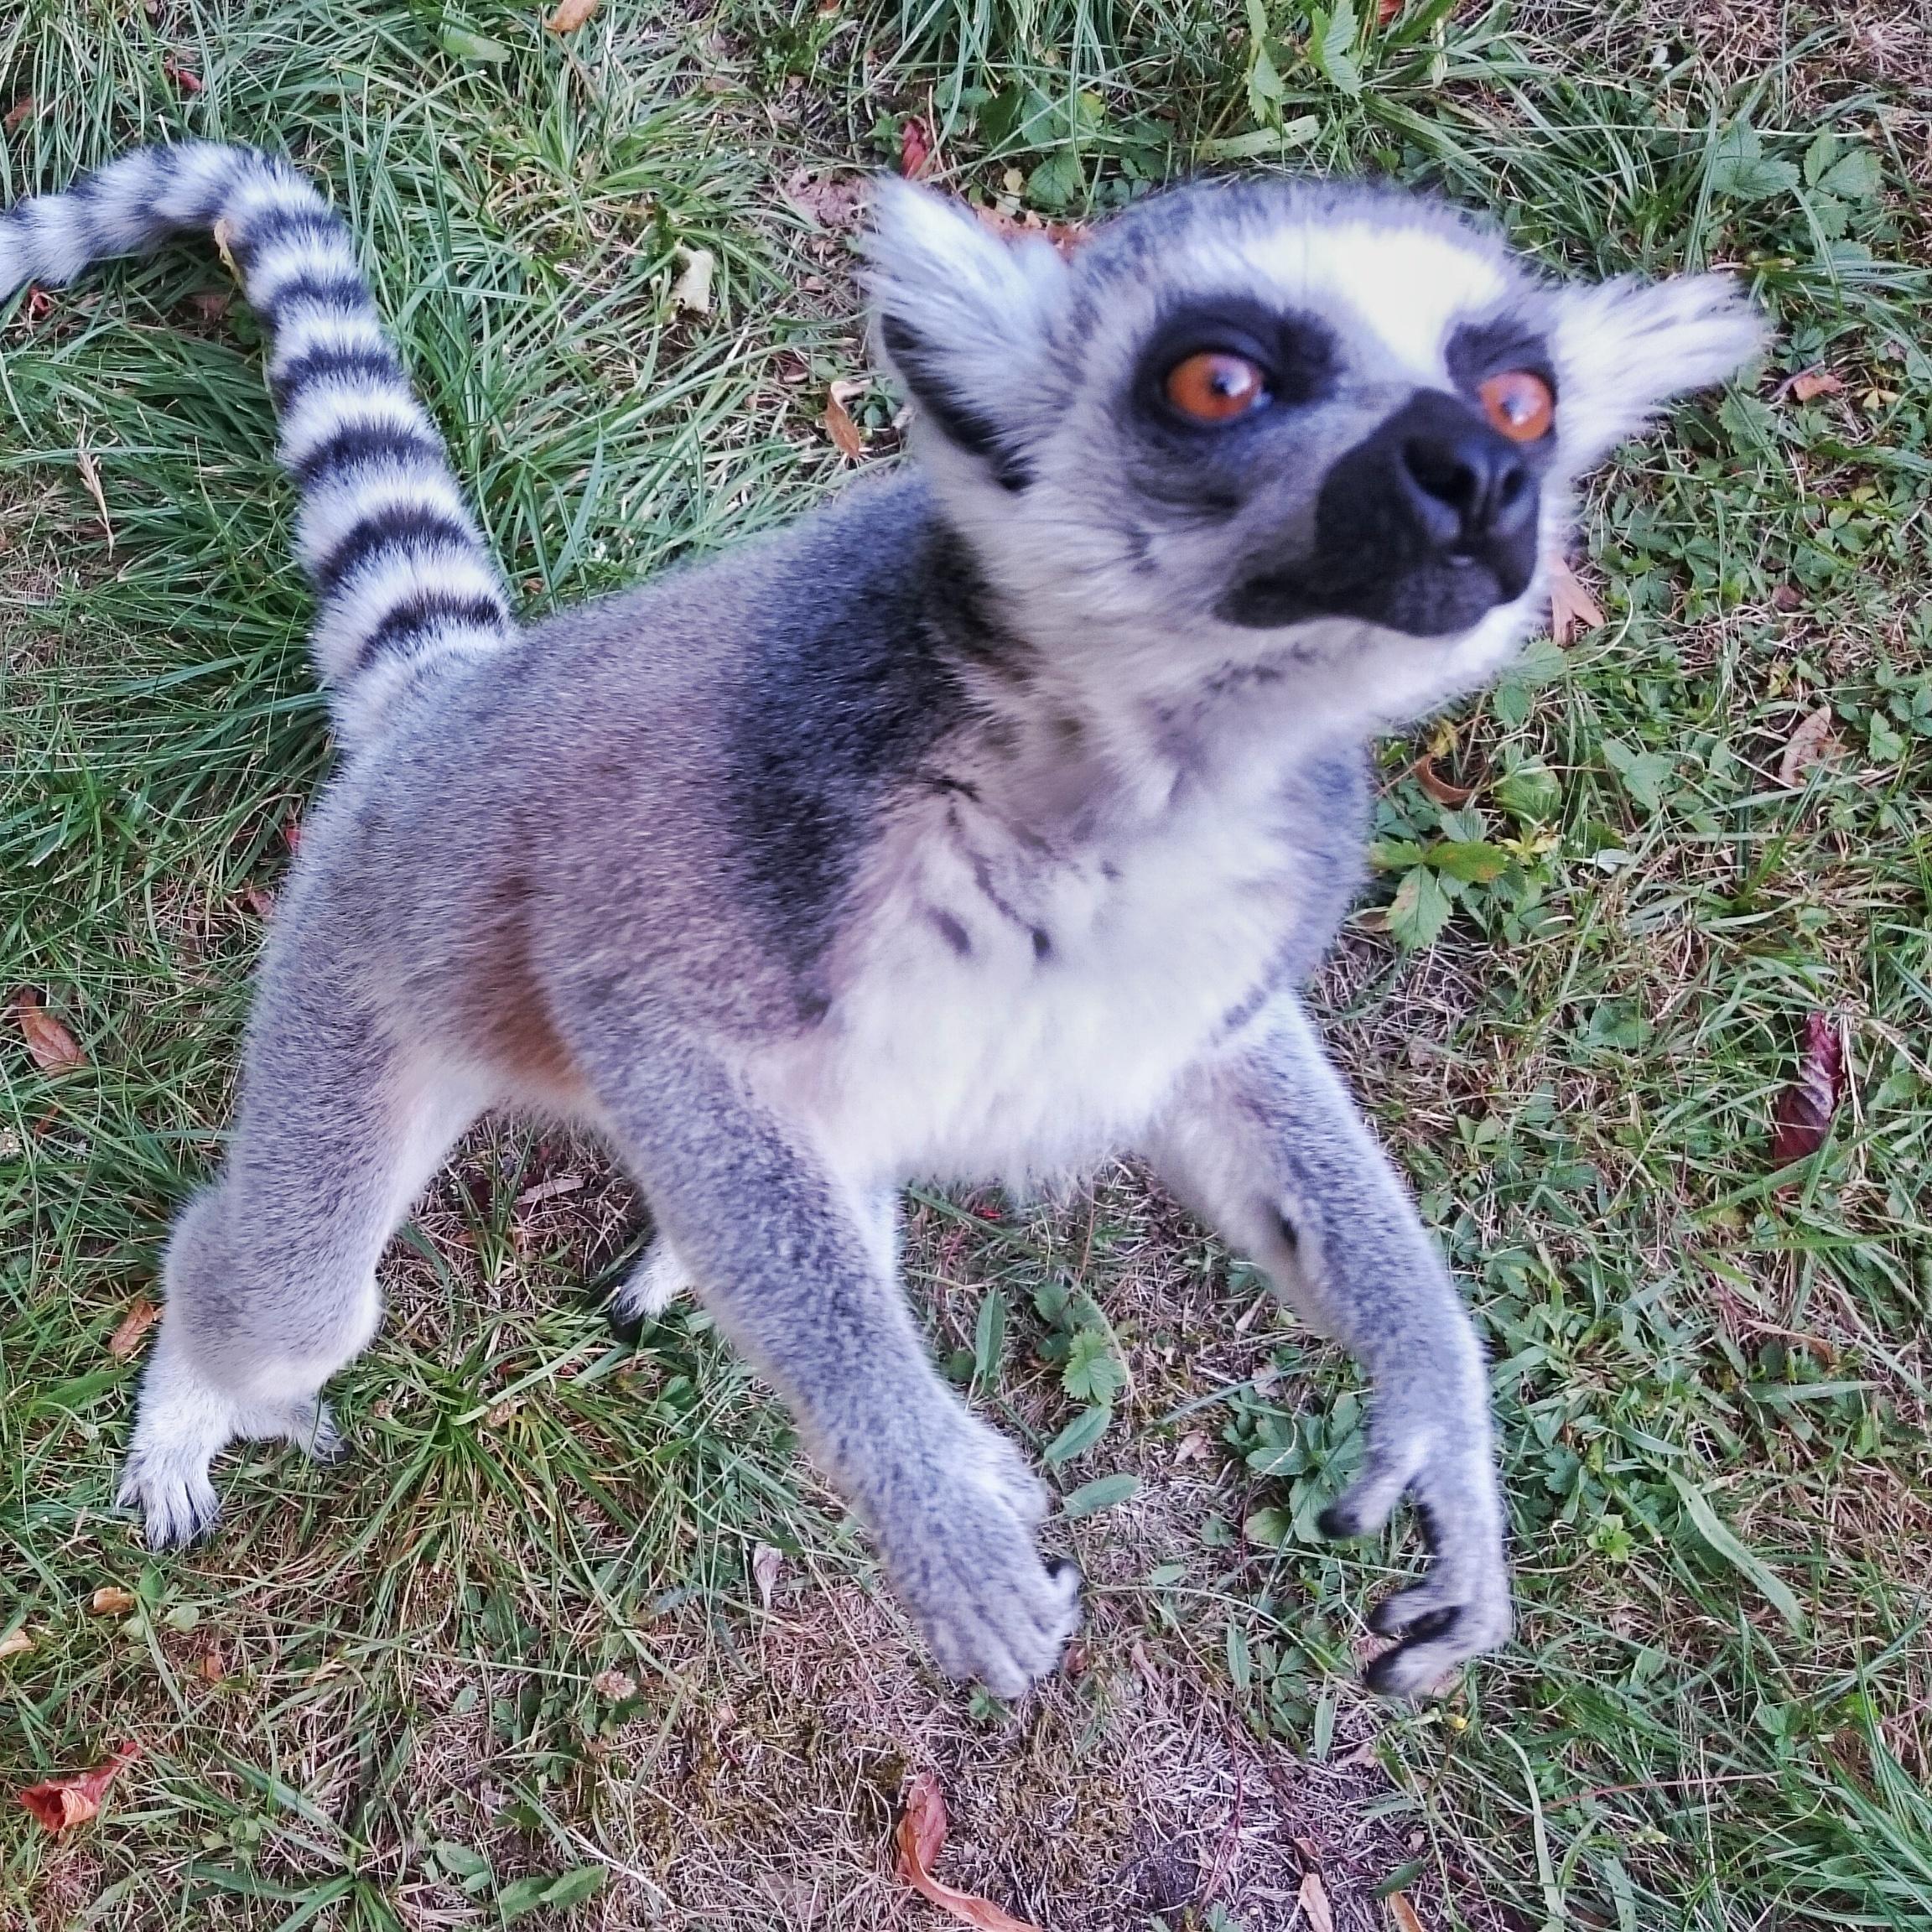 karmienie lemurów, zoo wrocław, wrocławskie, ogród zoologiczny, wyspa lemurów, lemur katta, król julian co je, animalistka.pl, blog o zwierzętach